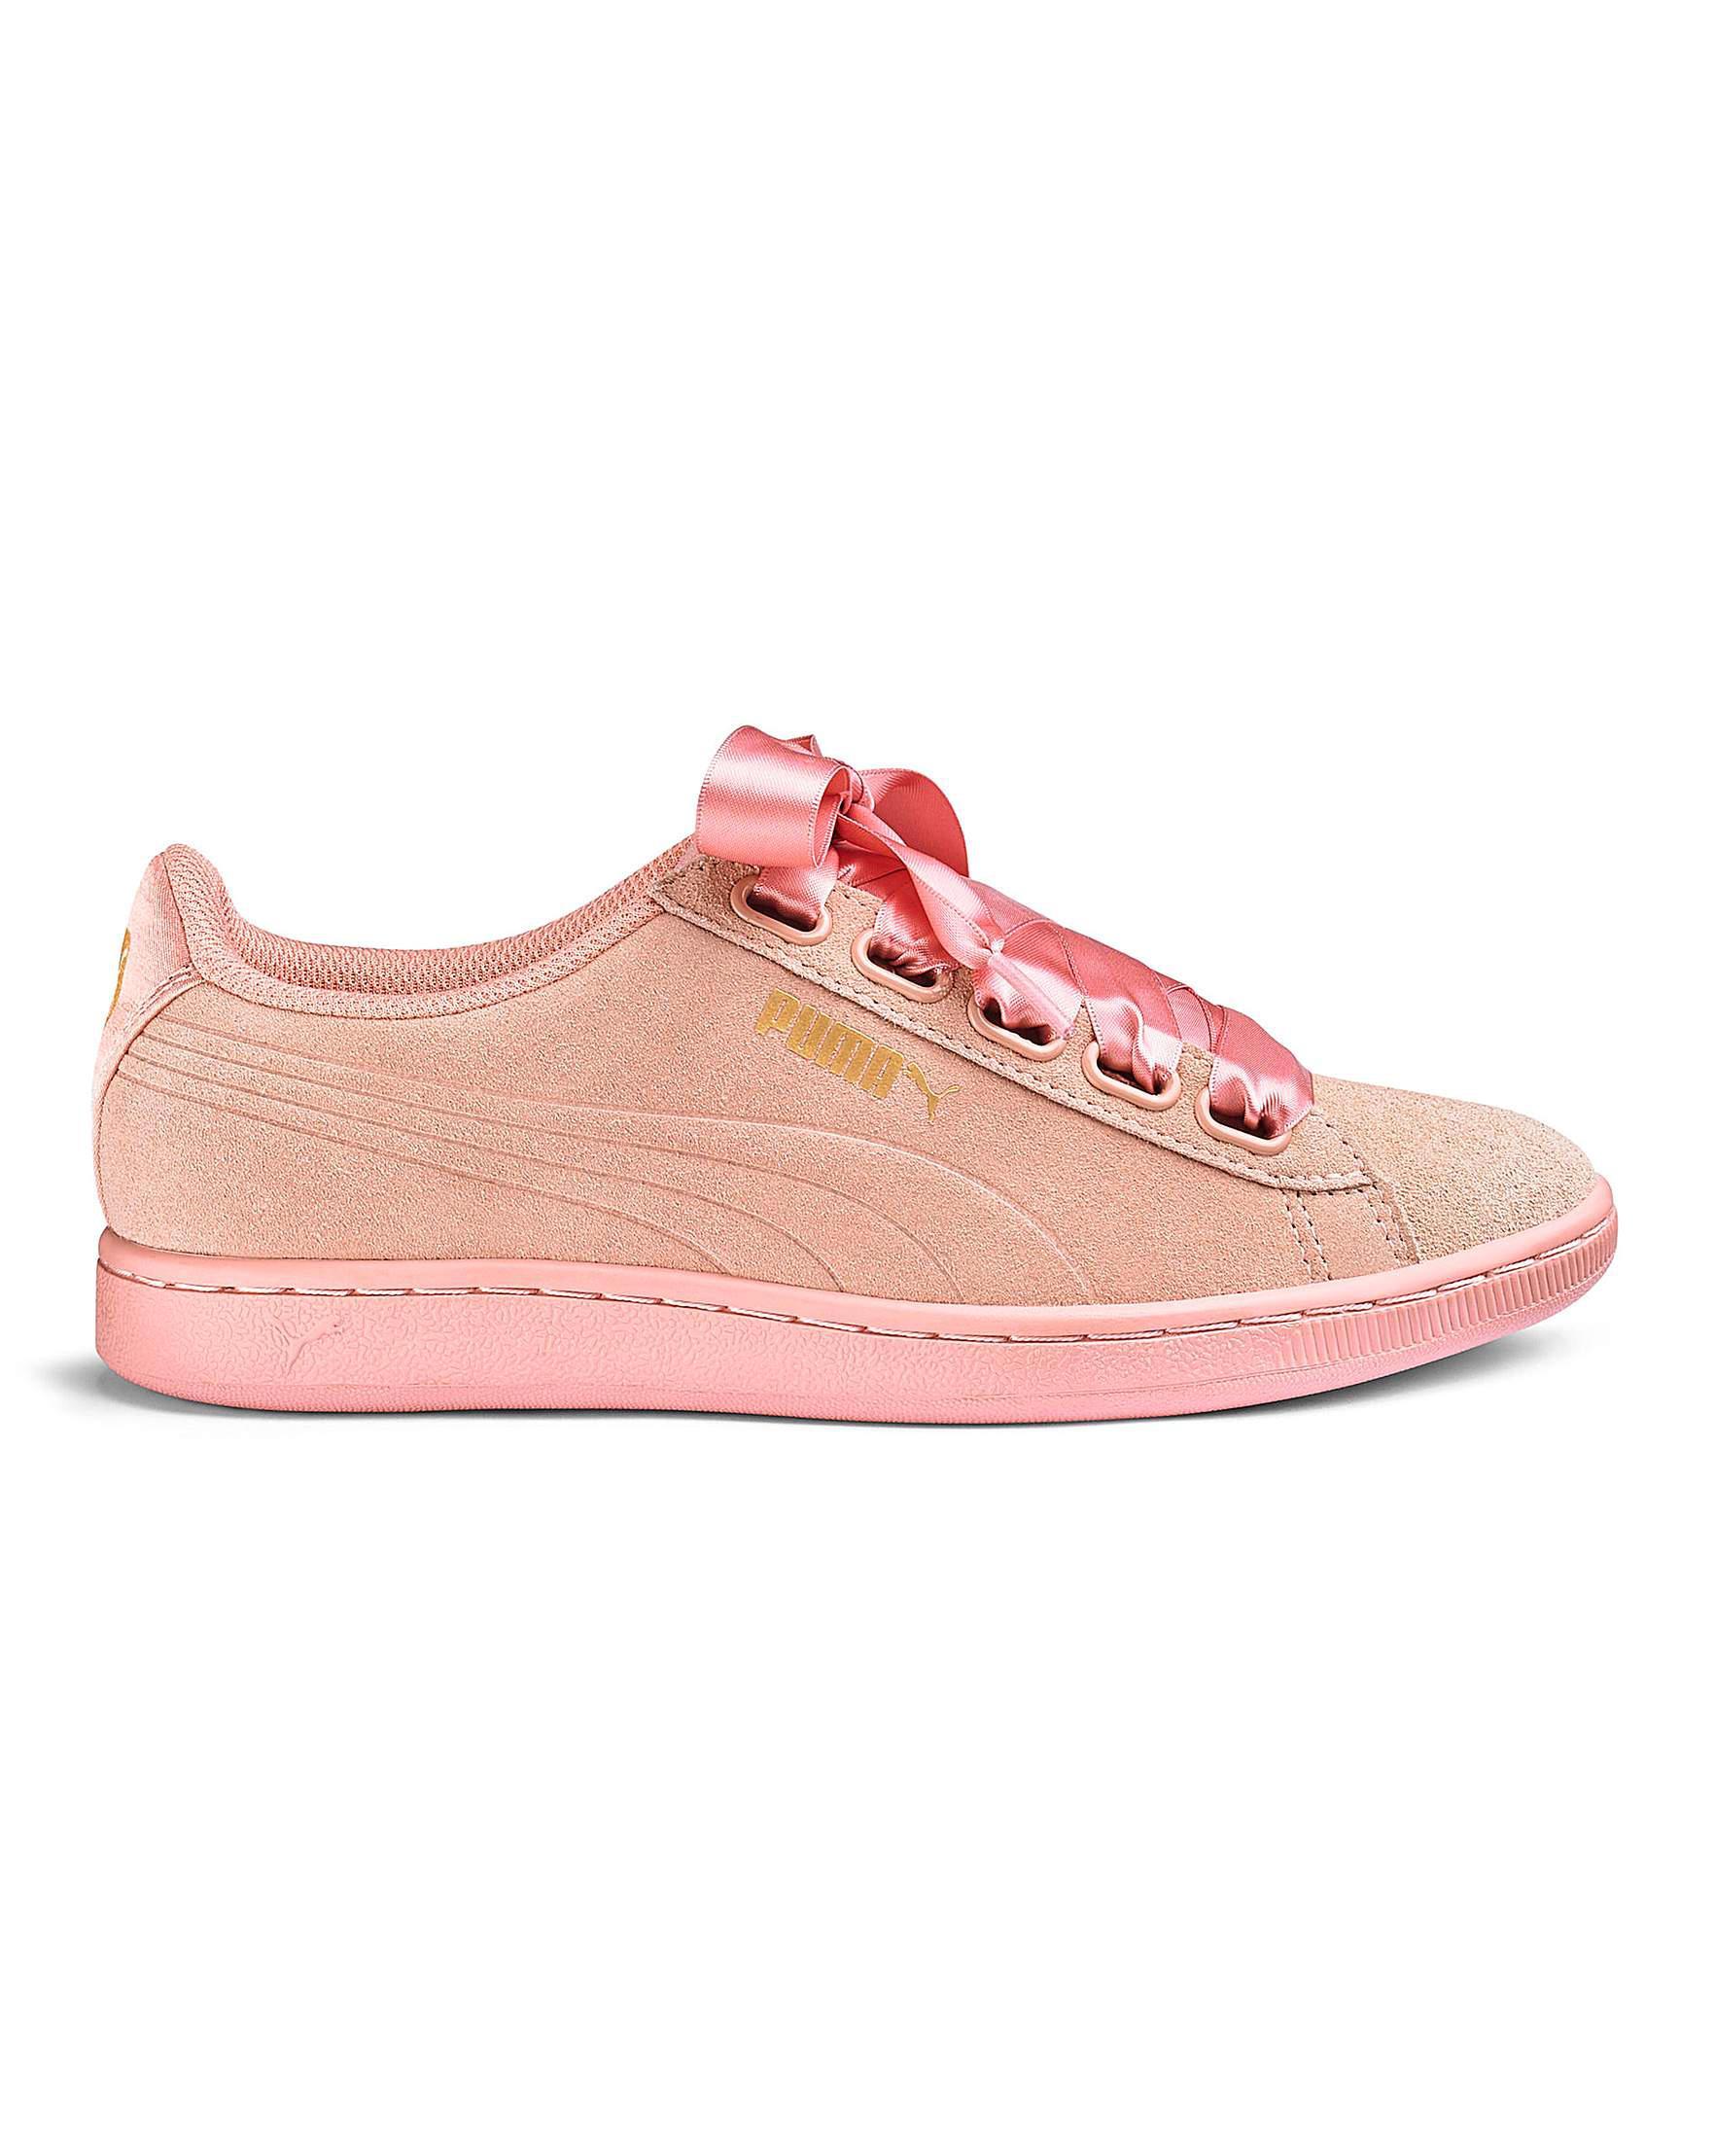 659fe023d5 PUMA Pink Satin Vikky Ribbon Trainers